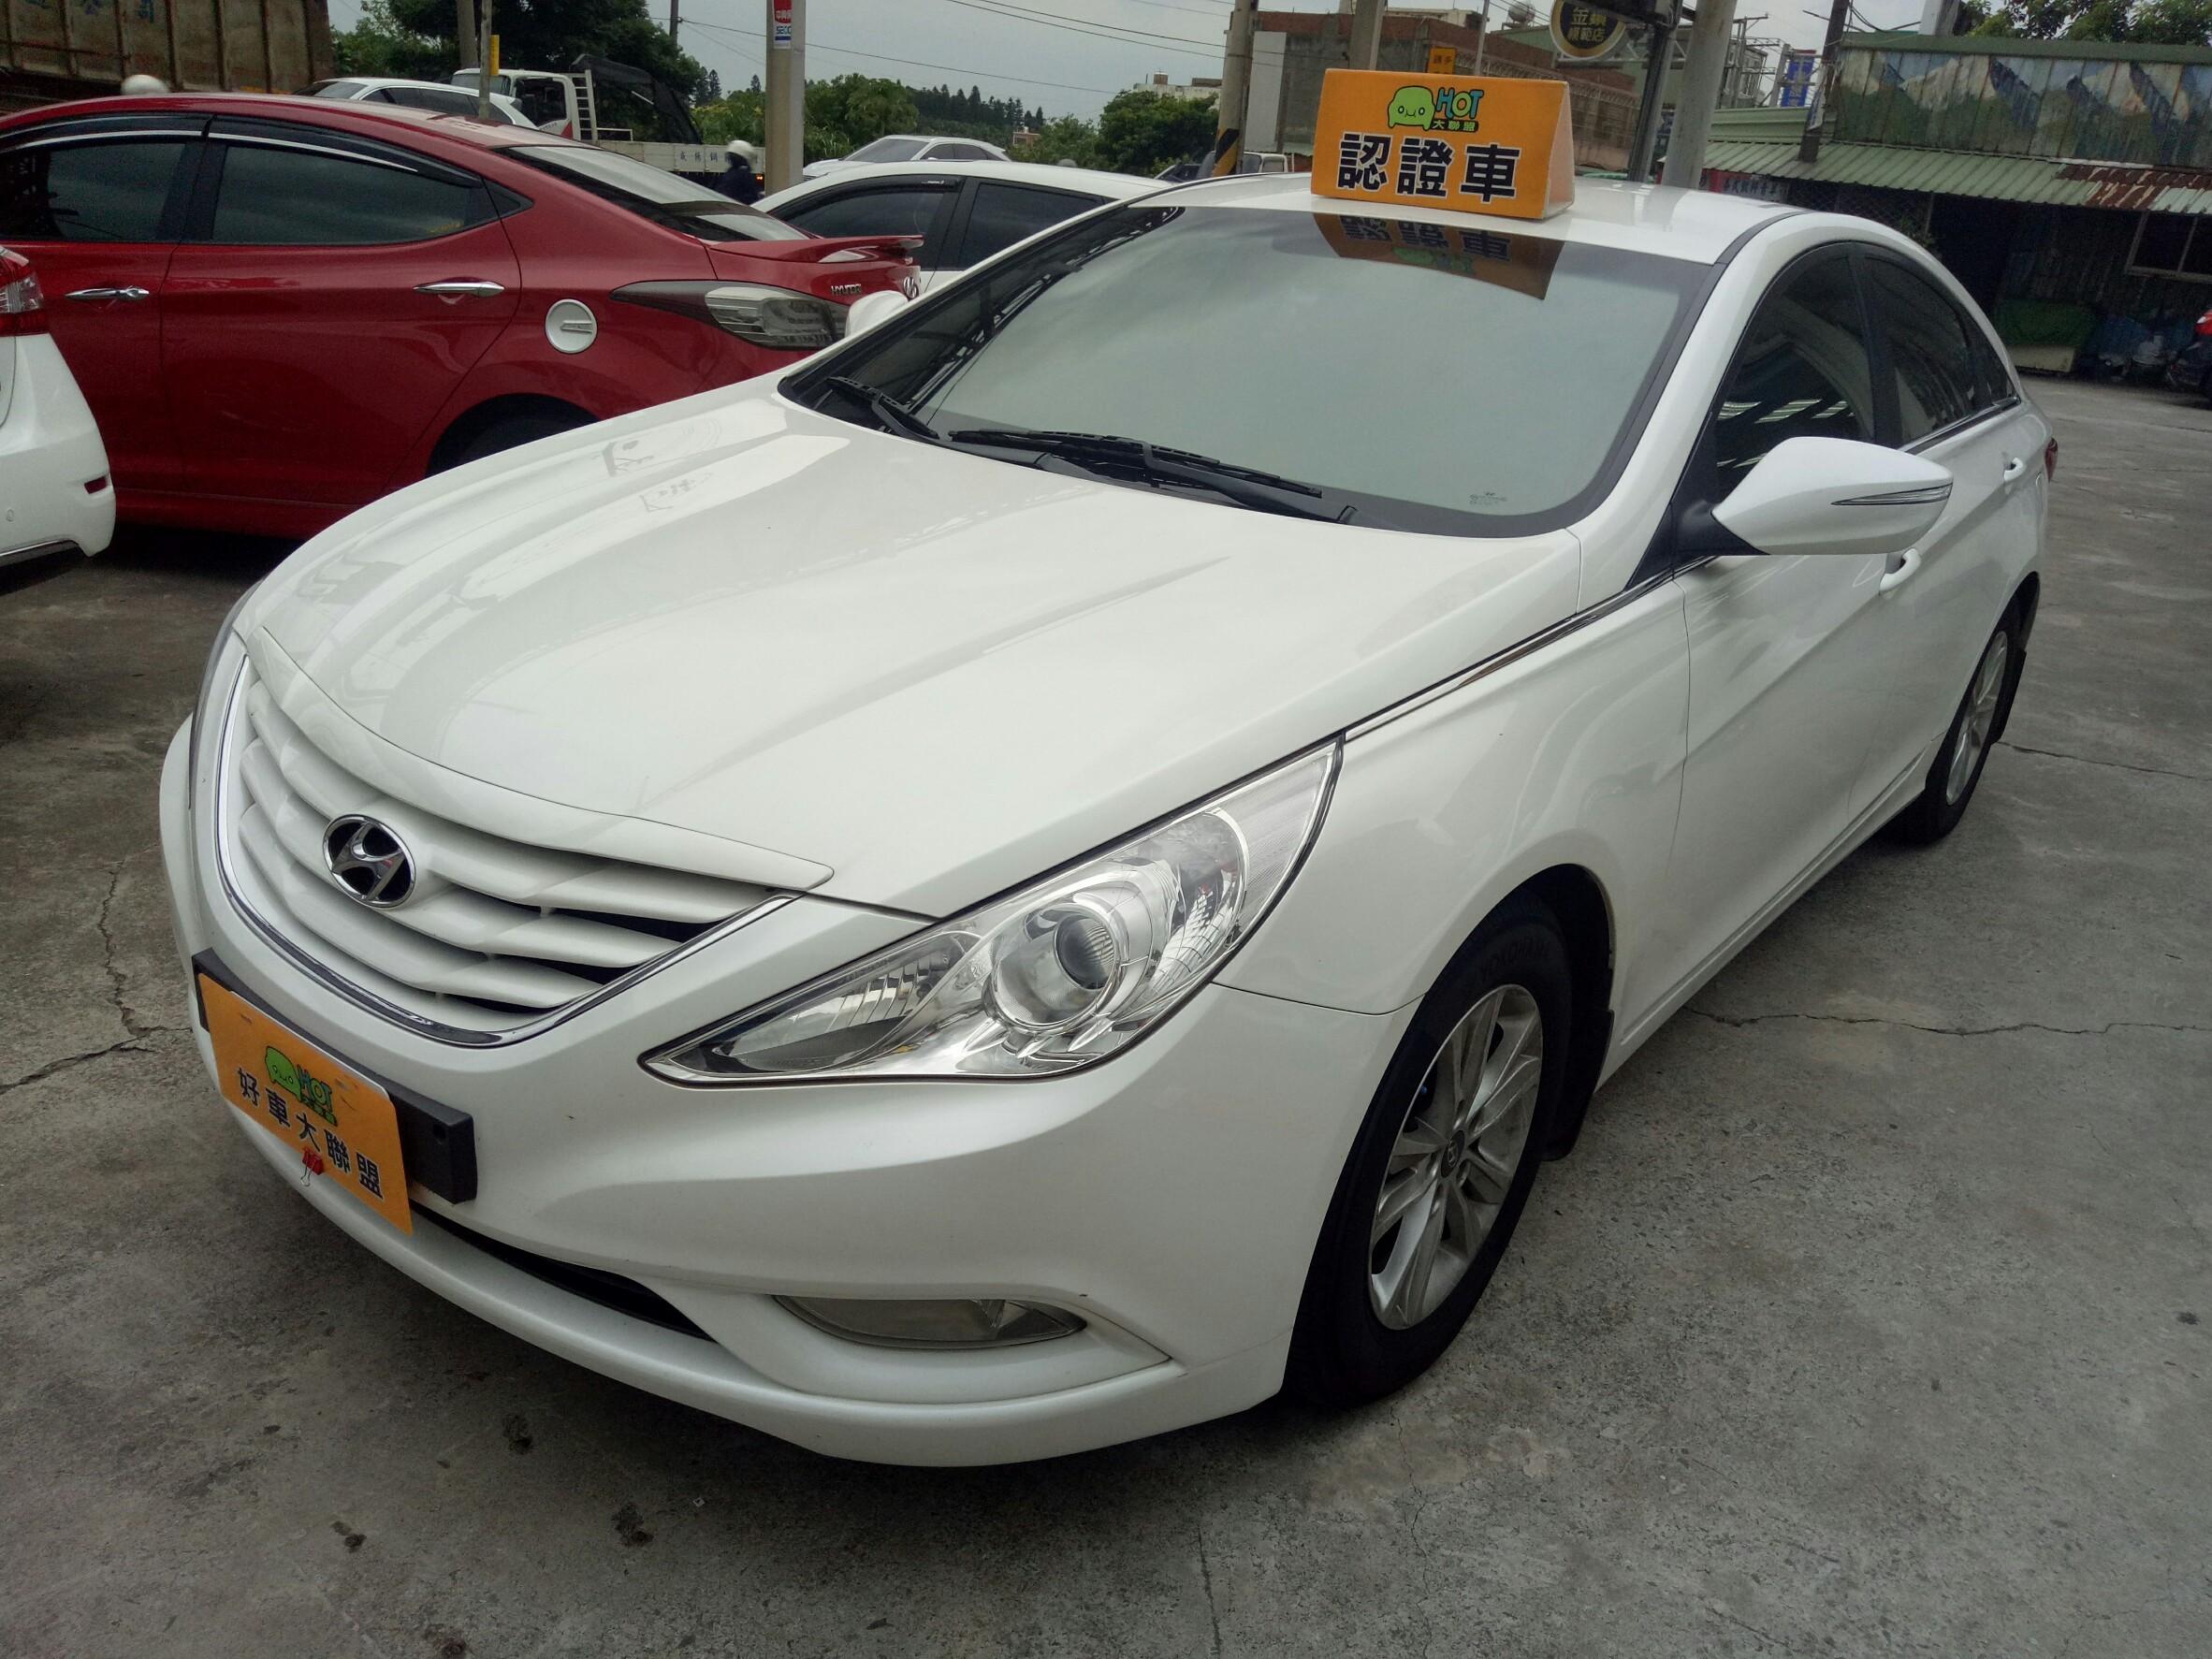 2011 Hyundai 現代 Sonata